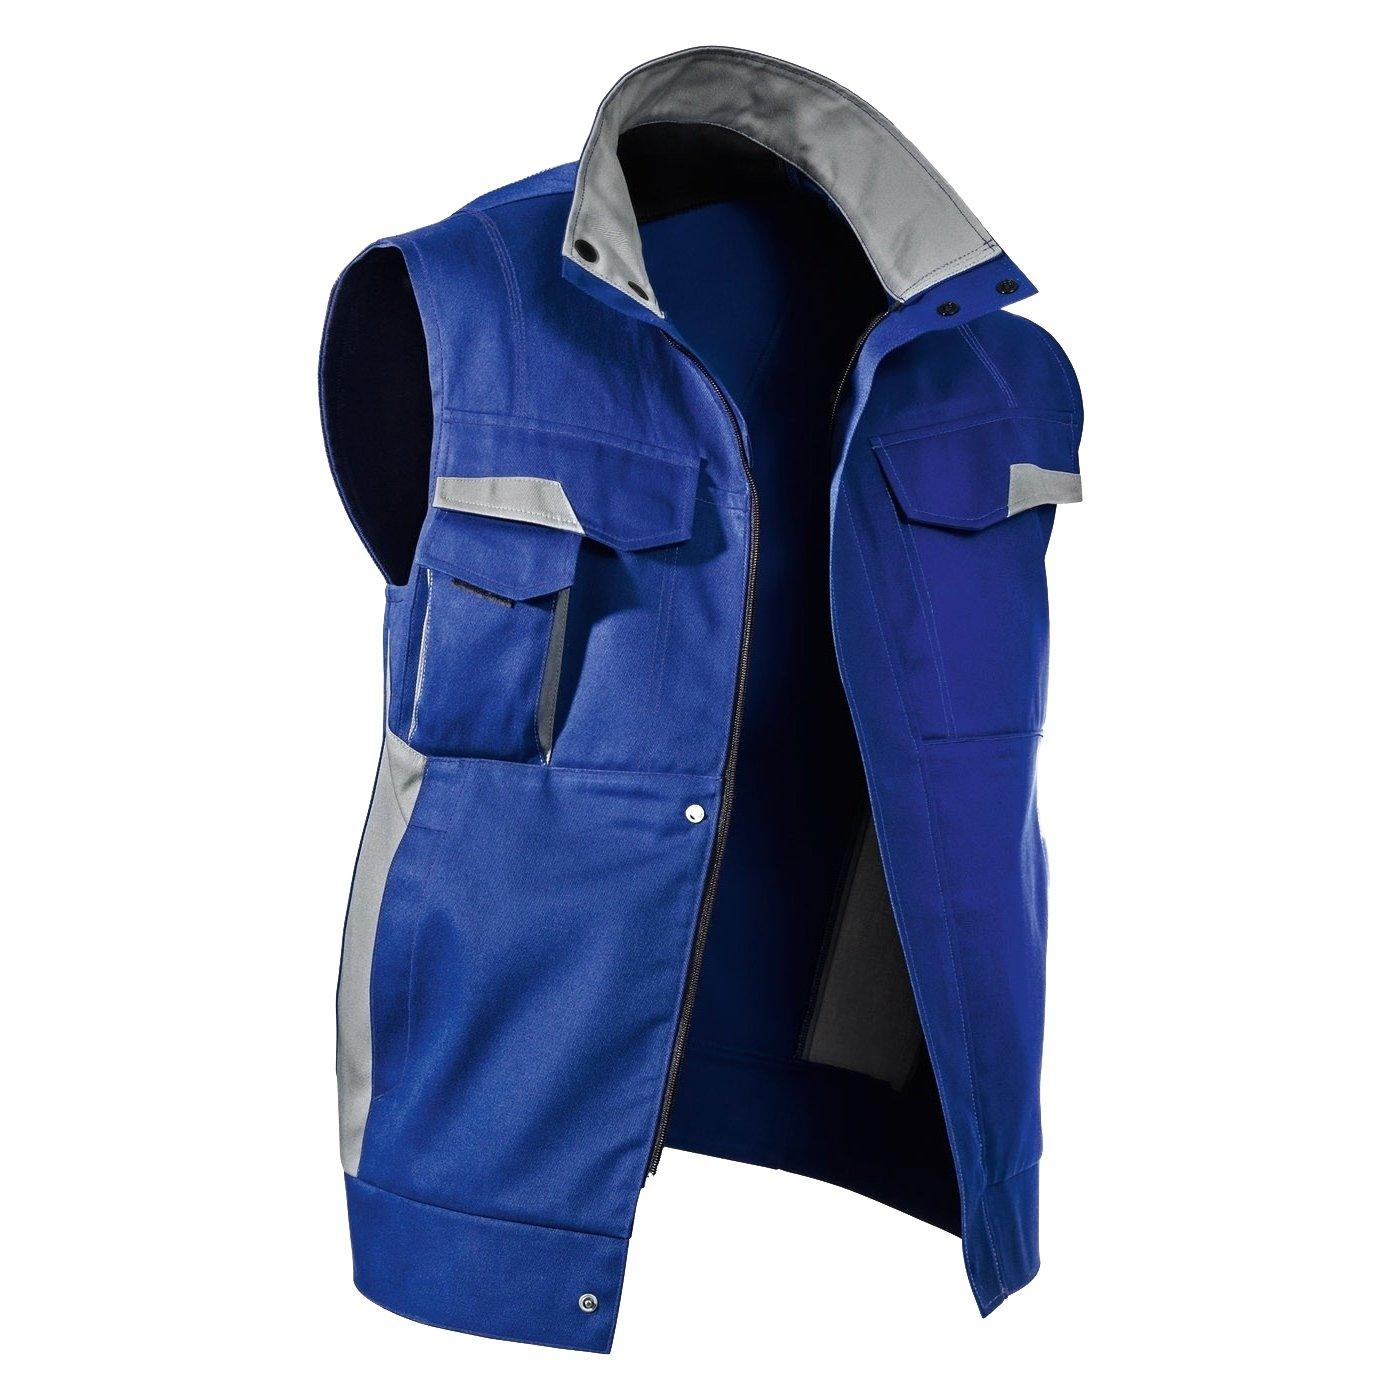 Kübler 7l485365 - 4695 de XL Chaleco Vitamix tamaño, grano azul/medio gris, XL: Amazon.es: Bricolaje y herramientas